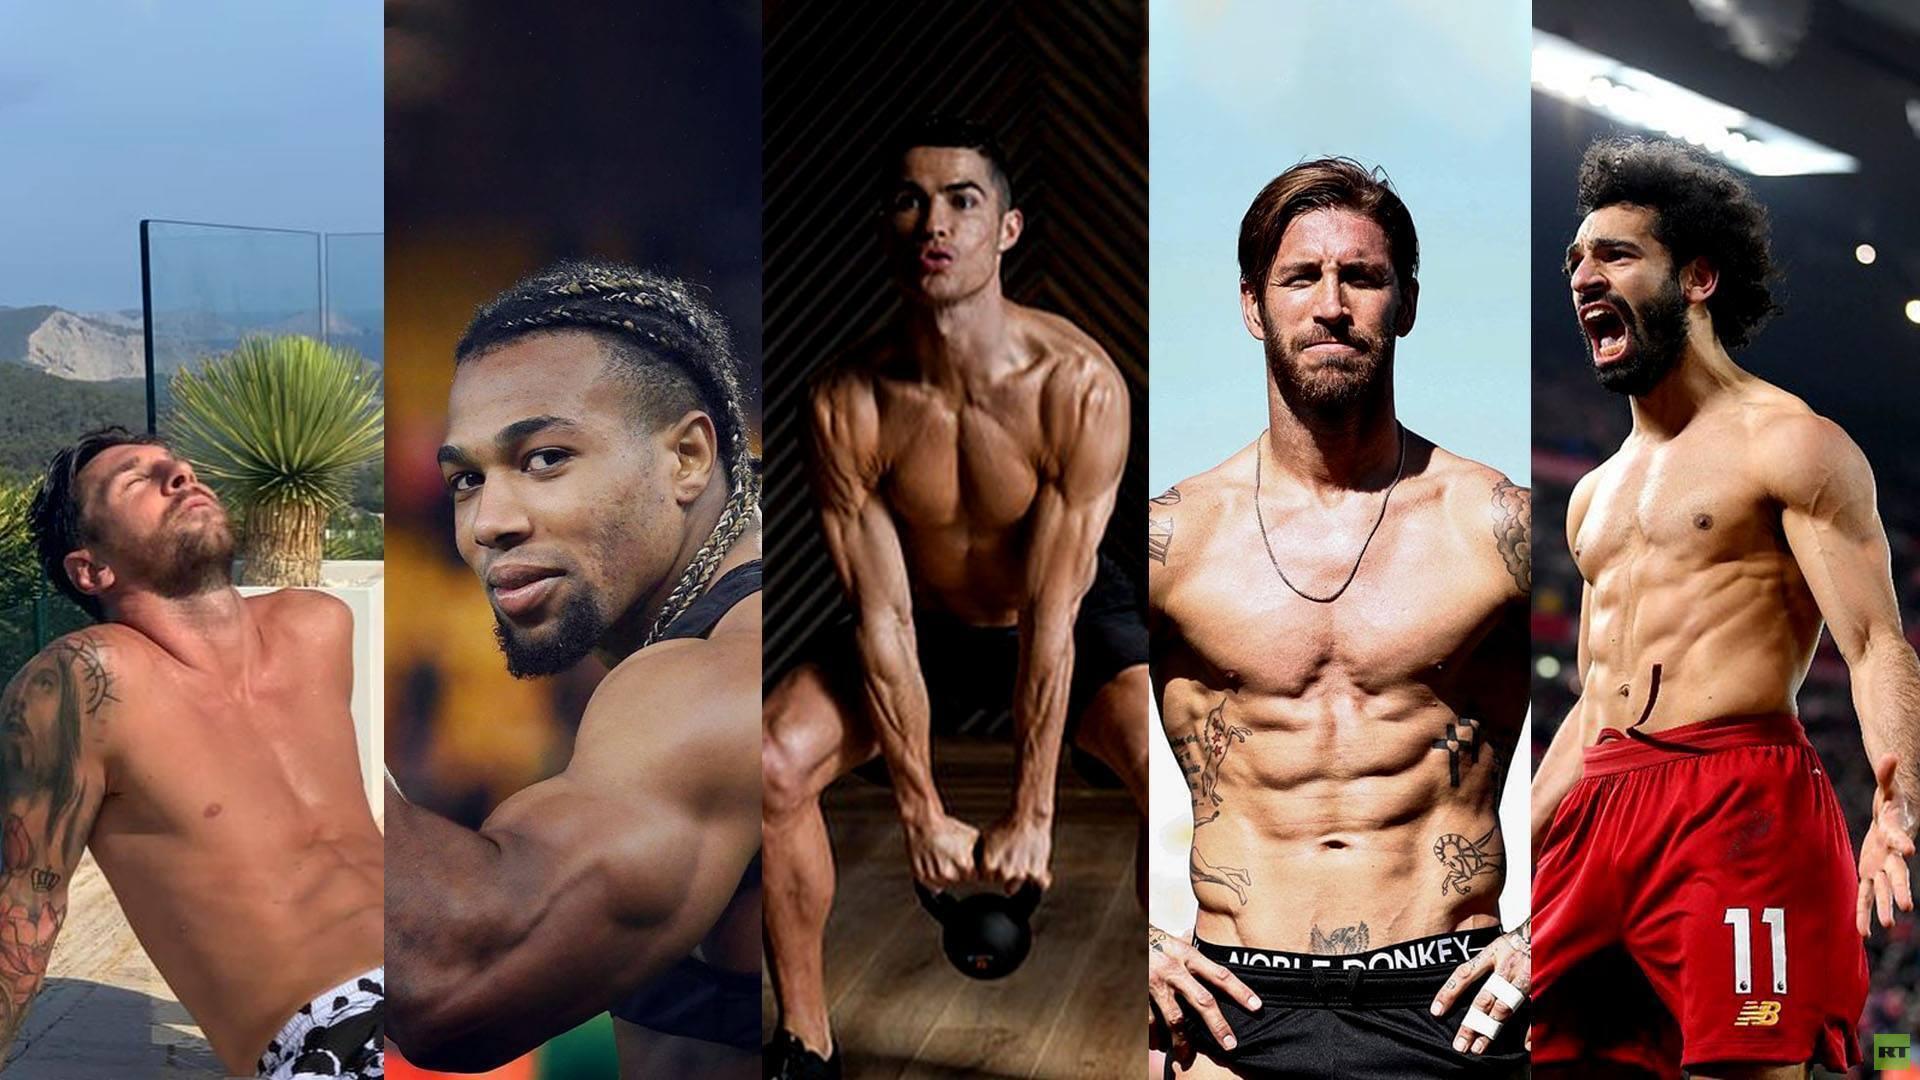 ما سر إقبال بعض لاعبي كرة القدم على استعراض عضلاتهم؟